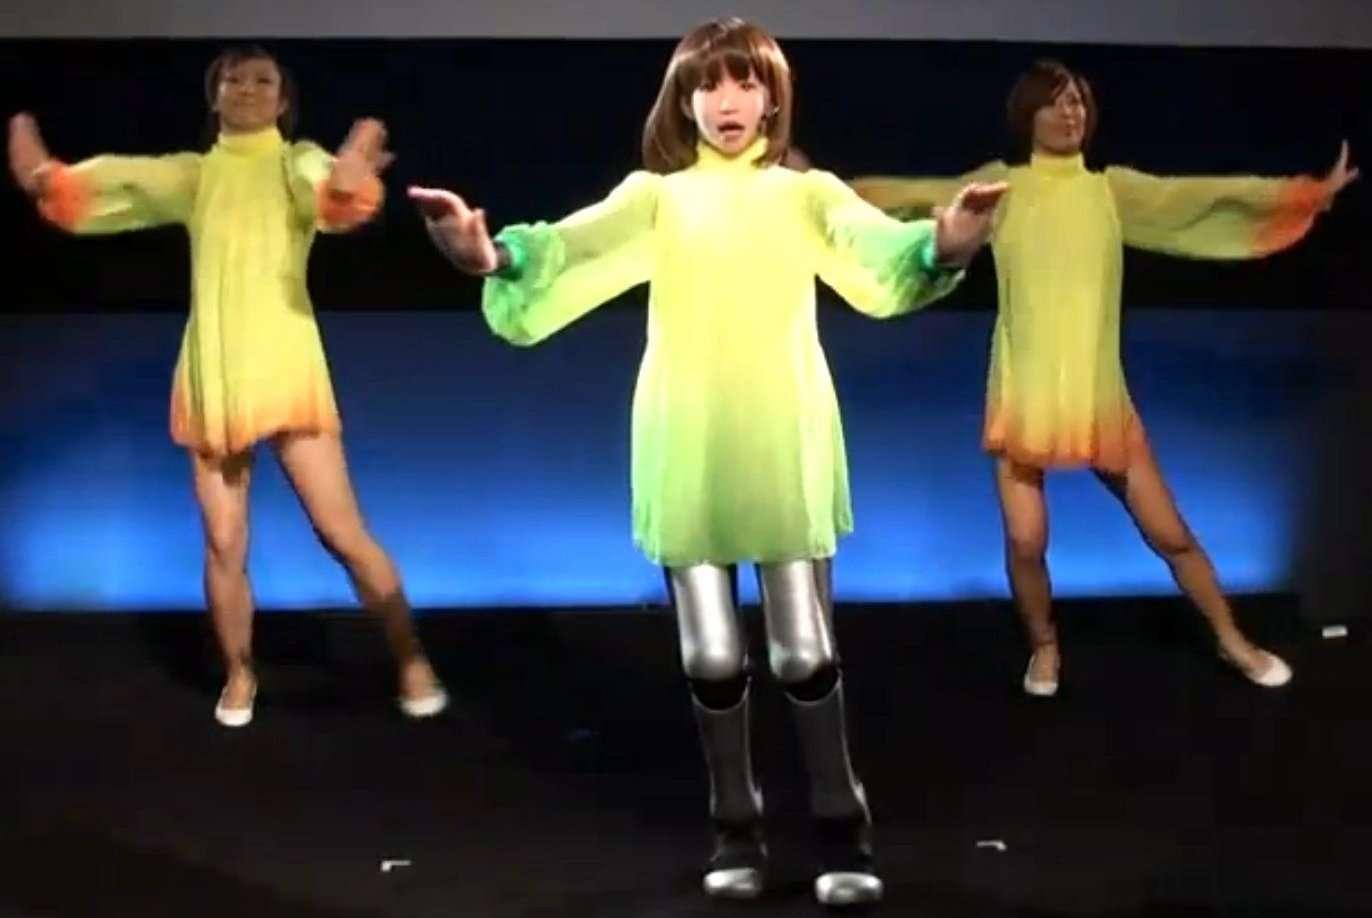 HRP 4C, un (une ?) robot anthropoïde, conçu au Japon par l'AIST (National Institute of Advanced Industrial Science and Technology), au milieu de danseuses humaines. Avec une musculature en polymères rétractiles inspirée de celle des humains, il sera peut-être un jour difficile de faire la différence... © AIST/YouTube